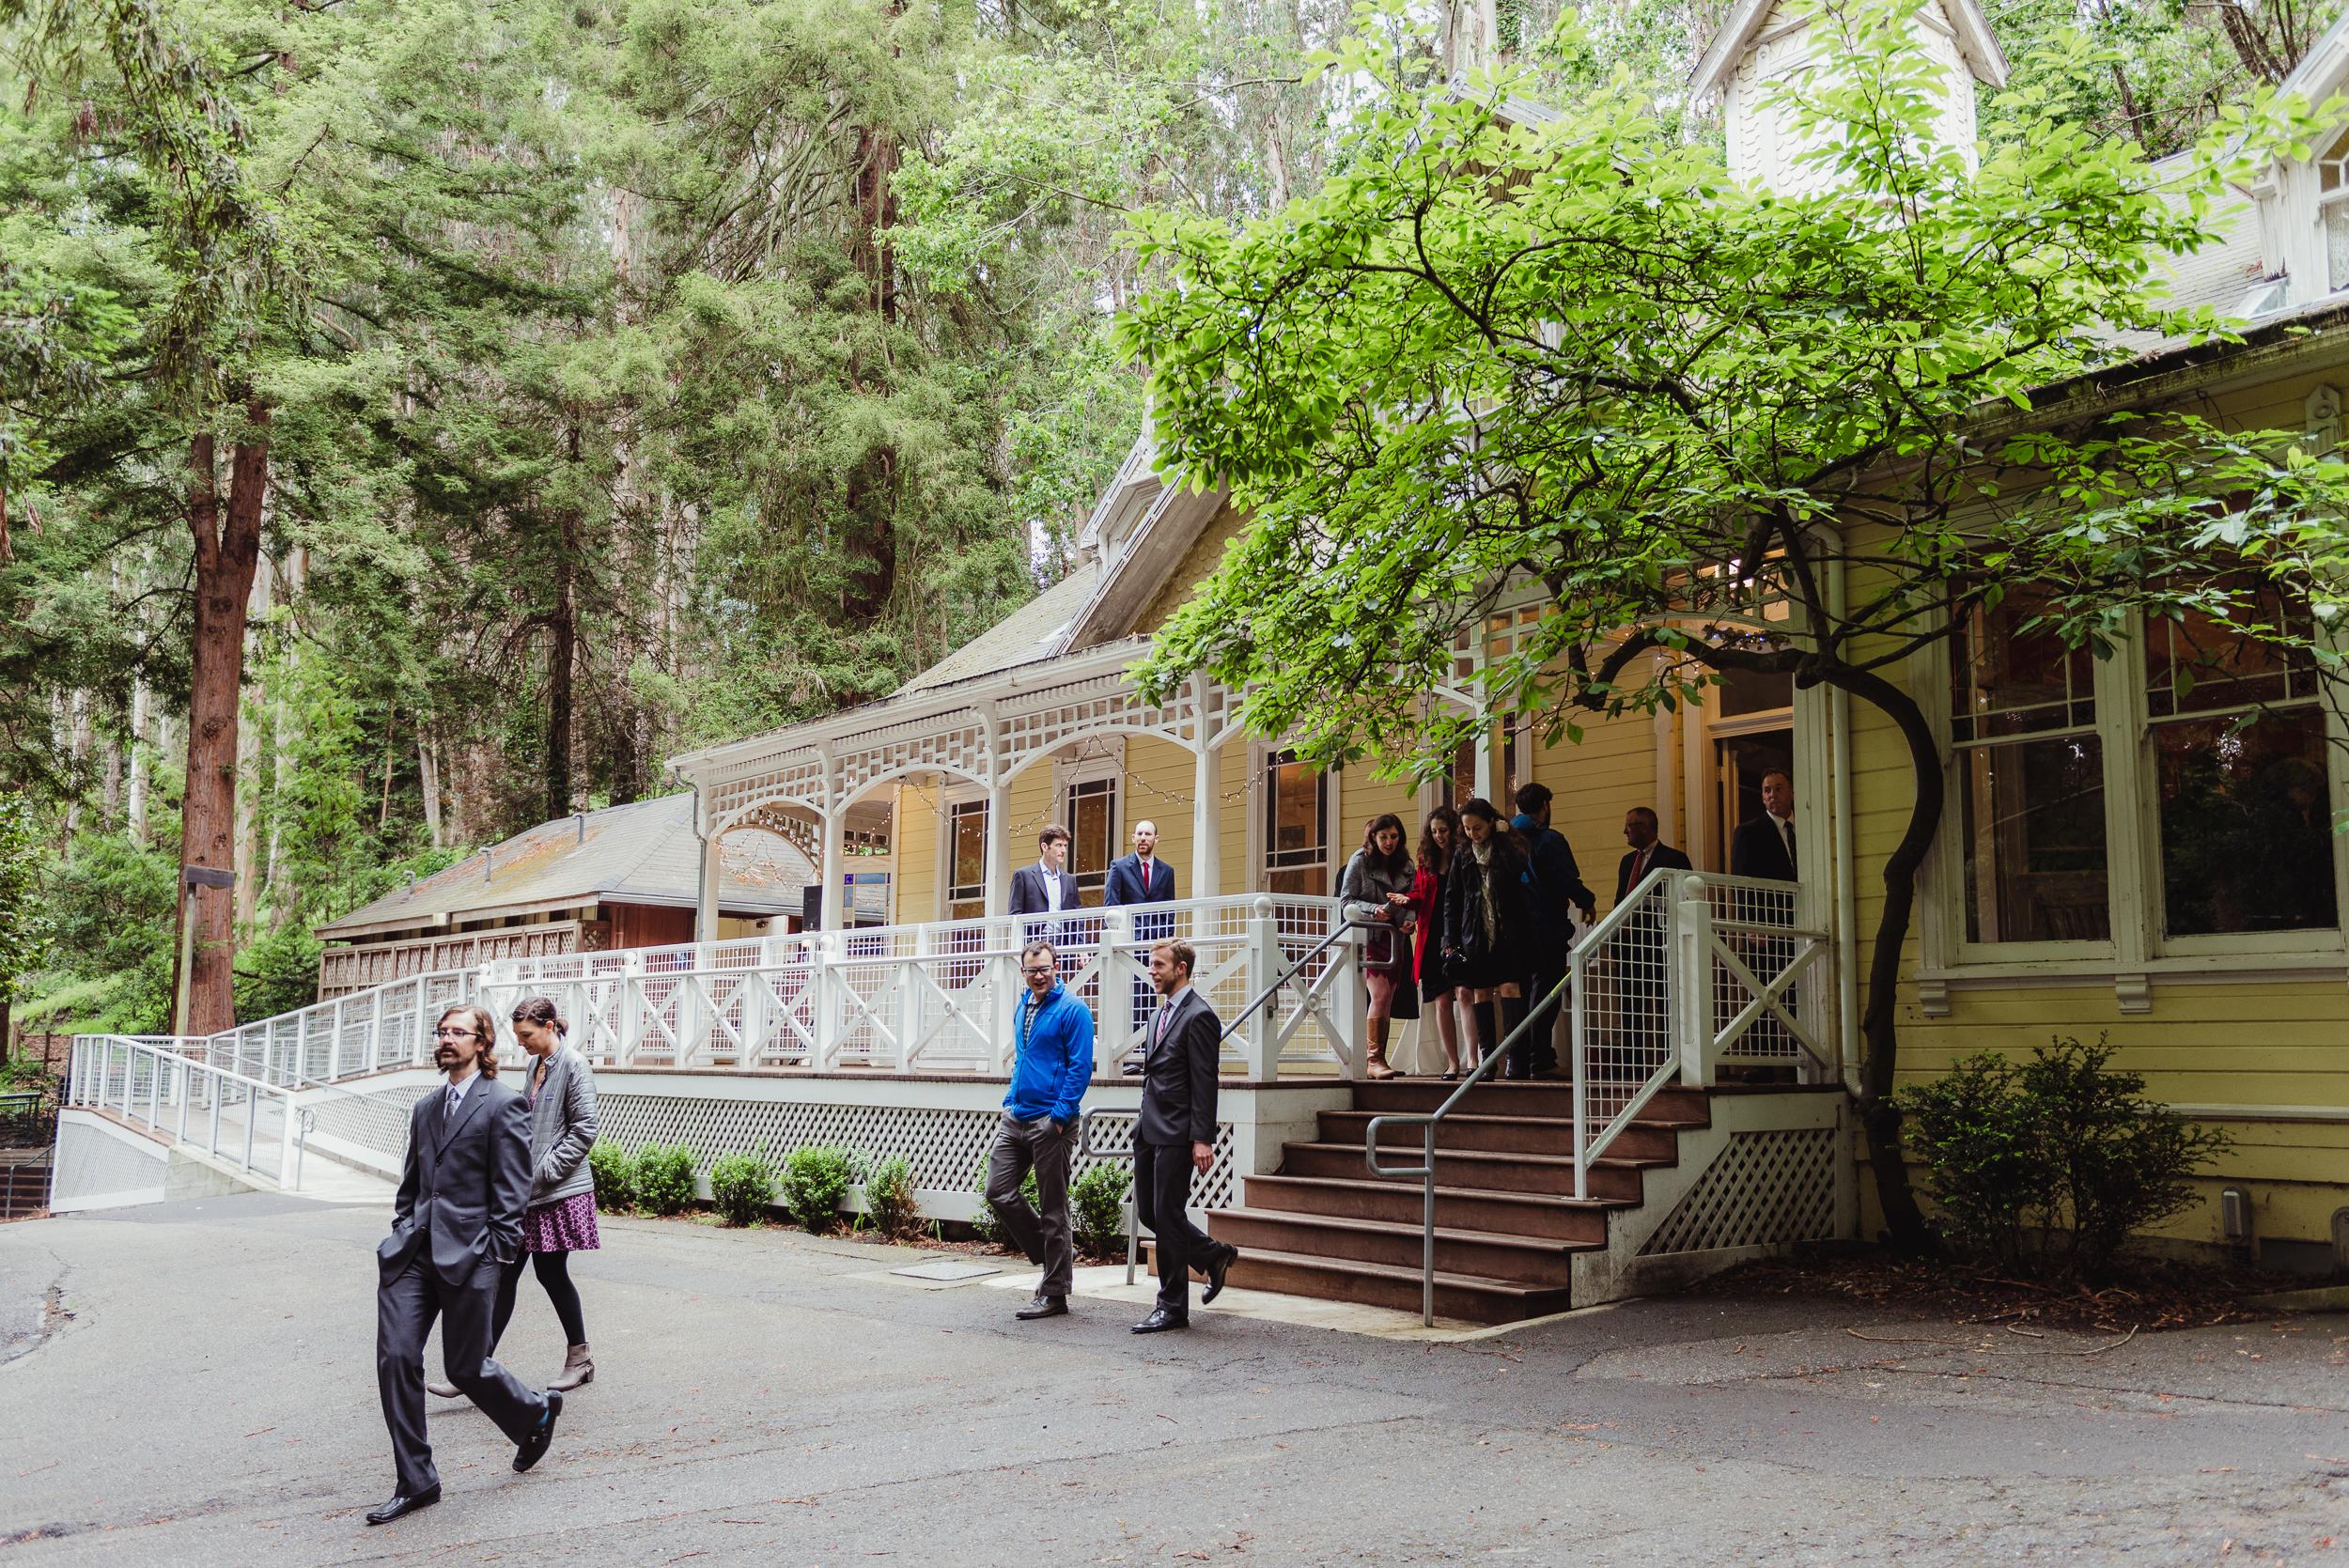 19vintage-san-francisco-stern-grove-wedding-vivianchen-0114.jpg